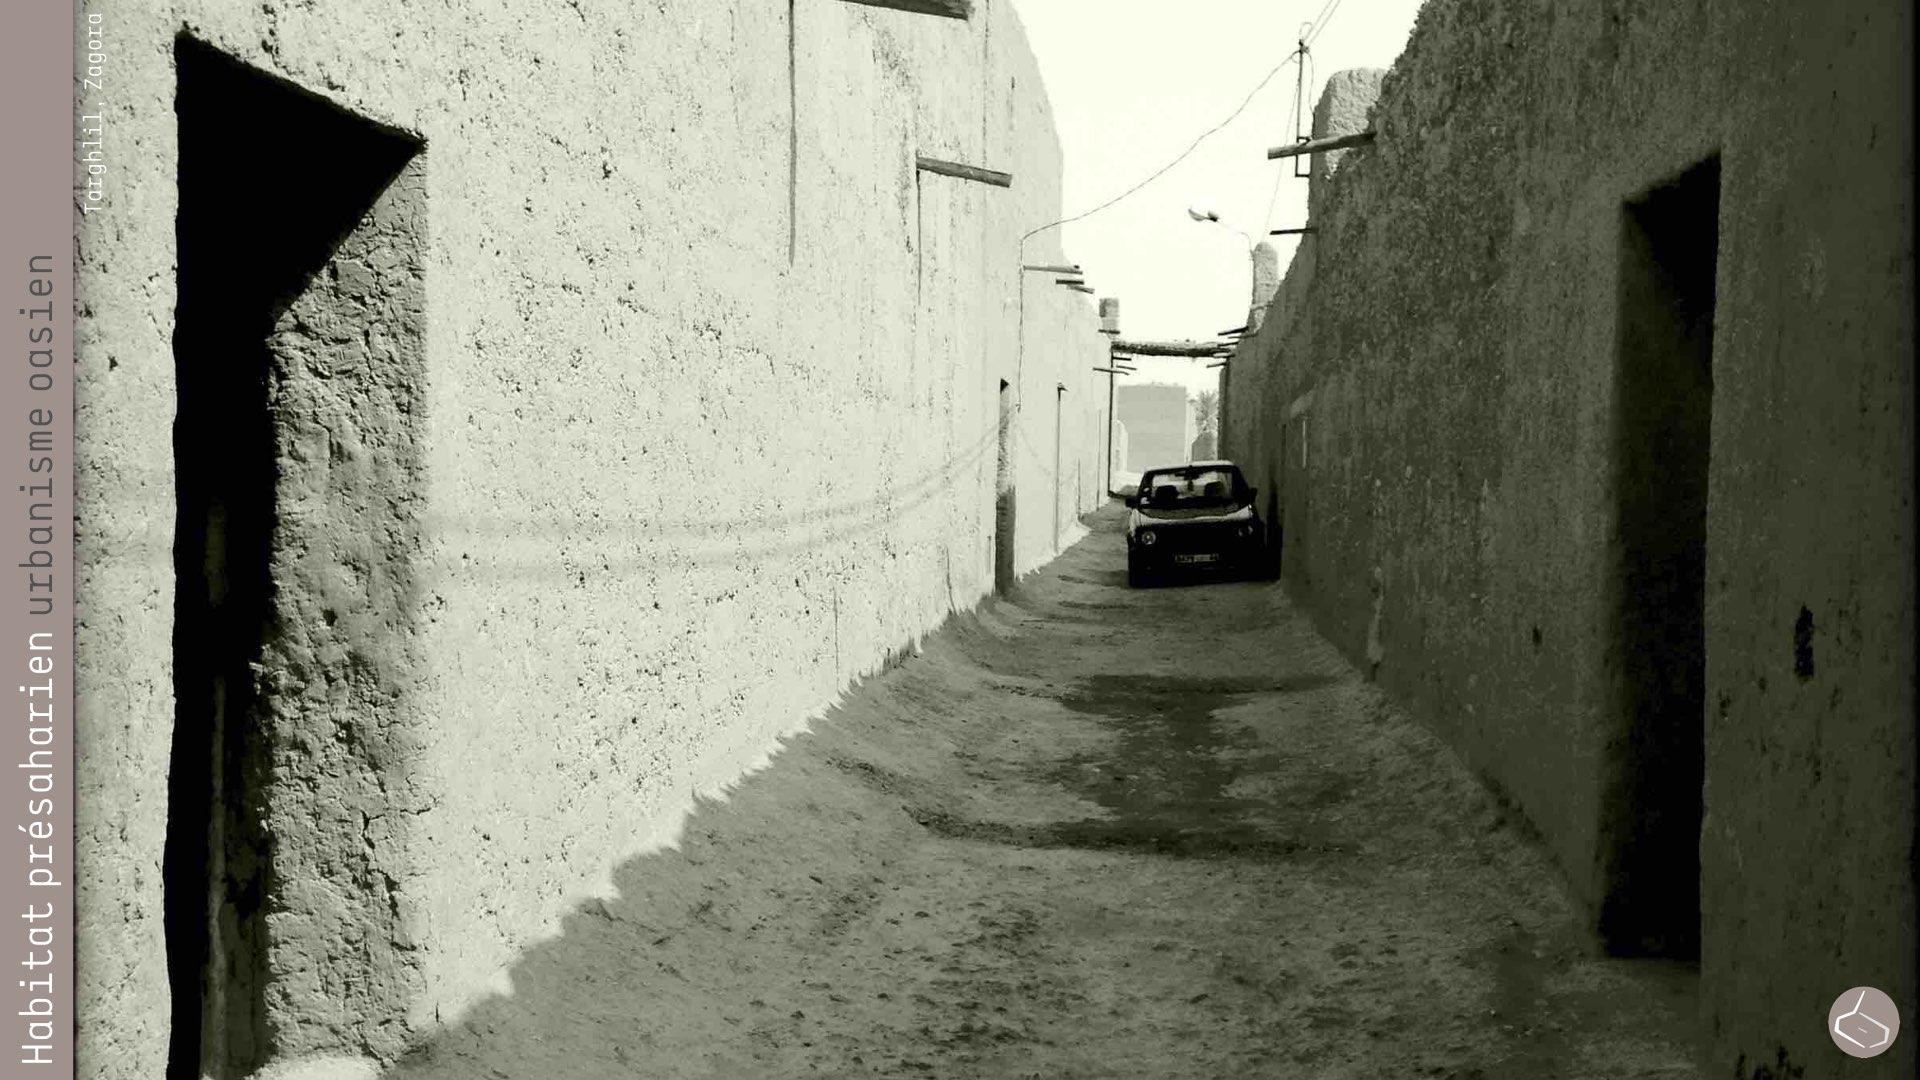 92. Alors, ils ont fait des ruelles perpendiculaires au sud, qui permettent de créer de l'ombre sans avoir besoin de la couvrir complètement, mais ils ont agrandi légèrement la largeur afin de pouvoir rentrer occasionnellement avec une voiture ou un chariot. Par ailleurs, les maisons ont un seul étage, avec un grand patio. On peut dire que ce quartier est une évolution de ksar, toujours avec la terre, un peu dense (mais sans arriver au niveau des ksour), adapté aux modes de vie de ses habitants du 21ème siècle, et le plus important, à l'intérieur de la palmeraie.       92. So, they made perpendicular streets to the south, which create shade without having to cover them completely, they made them wider, in order to have occasionally access with a car or a carriage. In addition, the houses have just one floor, with a large courtyard. We can say that this neighbourhood is an evolution of a ksar, built in rammed earth, a bit dense (but without arriving at the ksour density), adapted to the lifestyles of the inhabitants of the 21st century, and most important, inside the palm grove.     https://plus.google.com/u/0/photos/+marsaddraa/albums/6066366549804177505